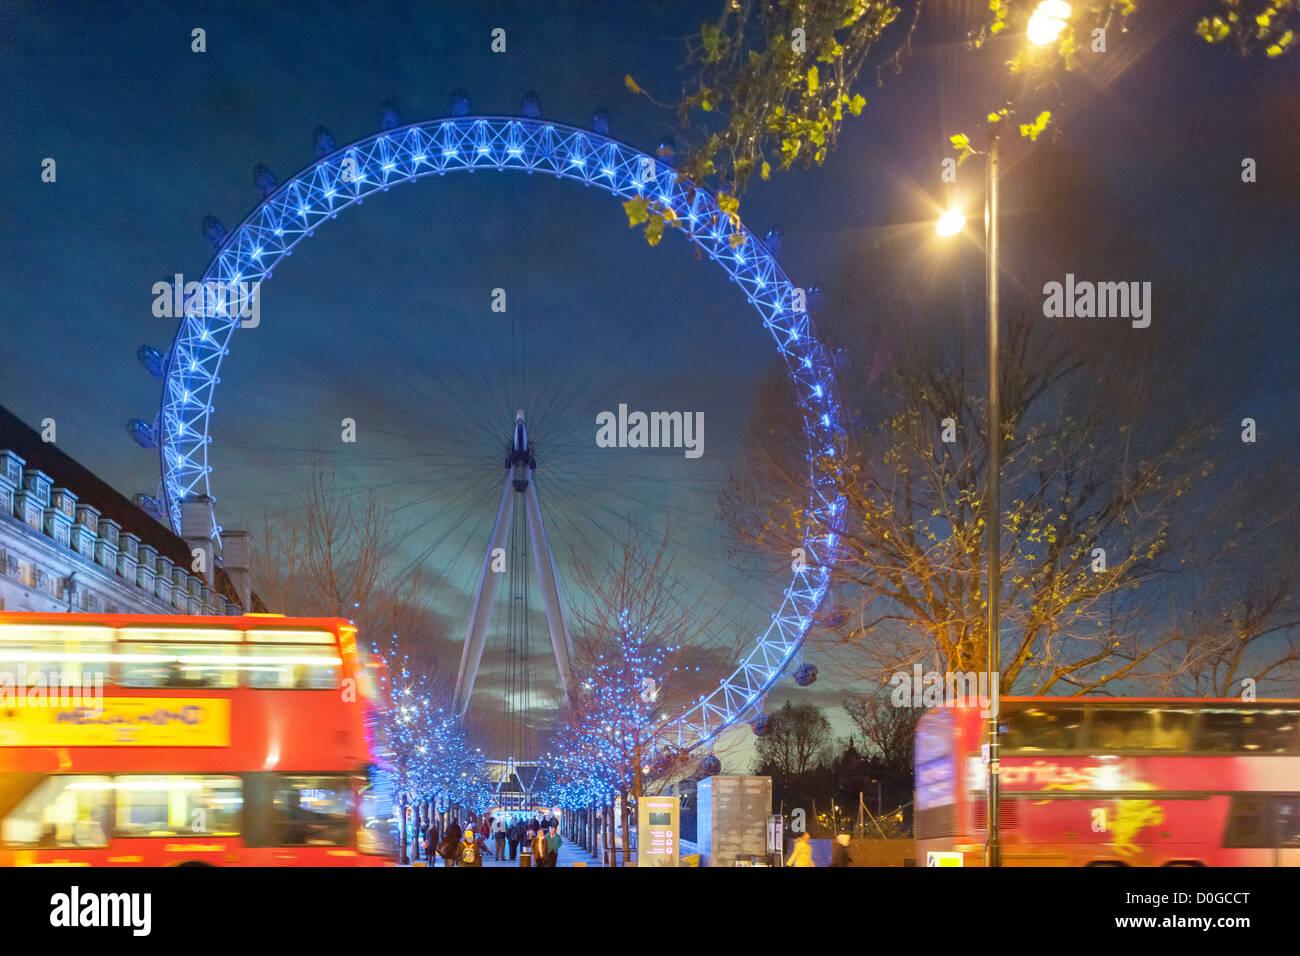 London Eye Millennium Wheel mit Blaulicht Weihnachten Xmas und Doppeldecker-Bus in der Dämmerung im Winter, Stockbild